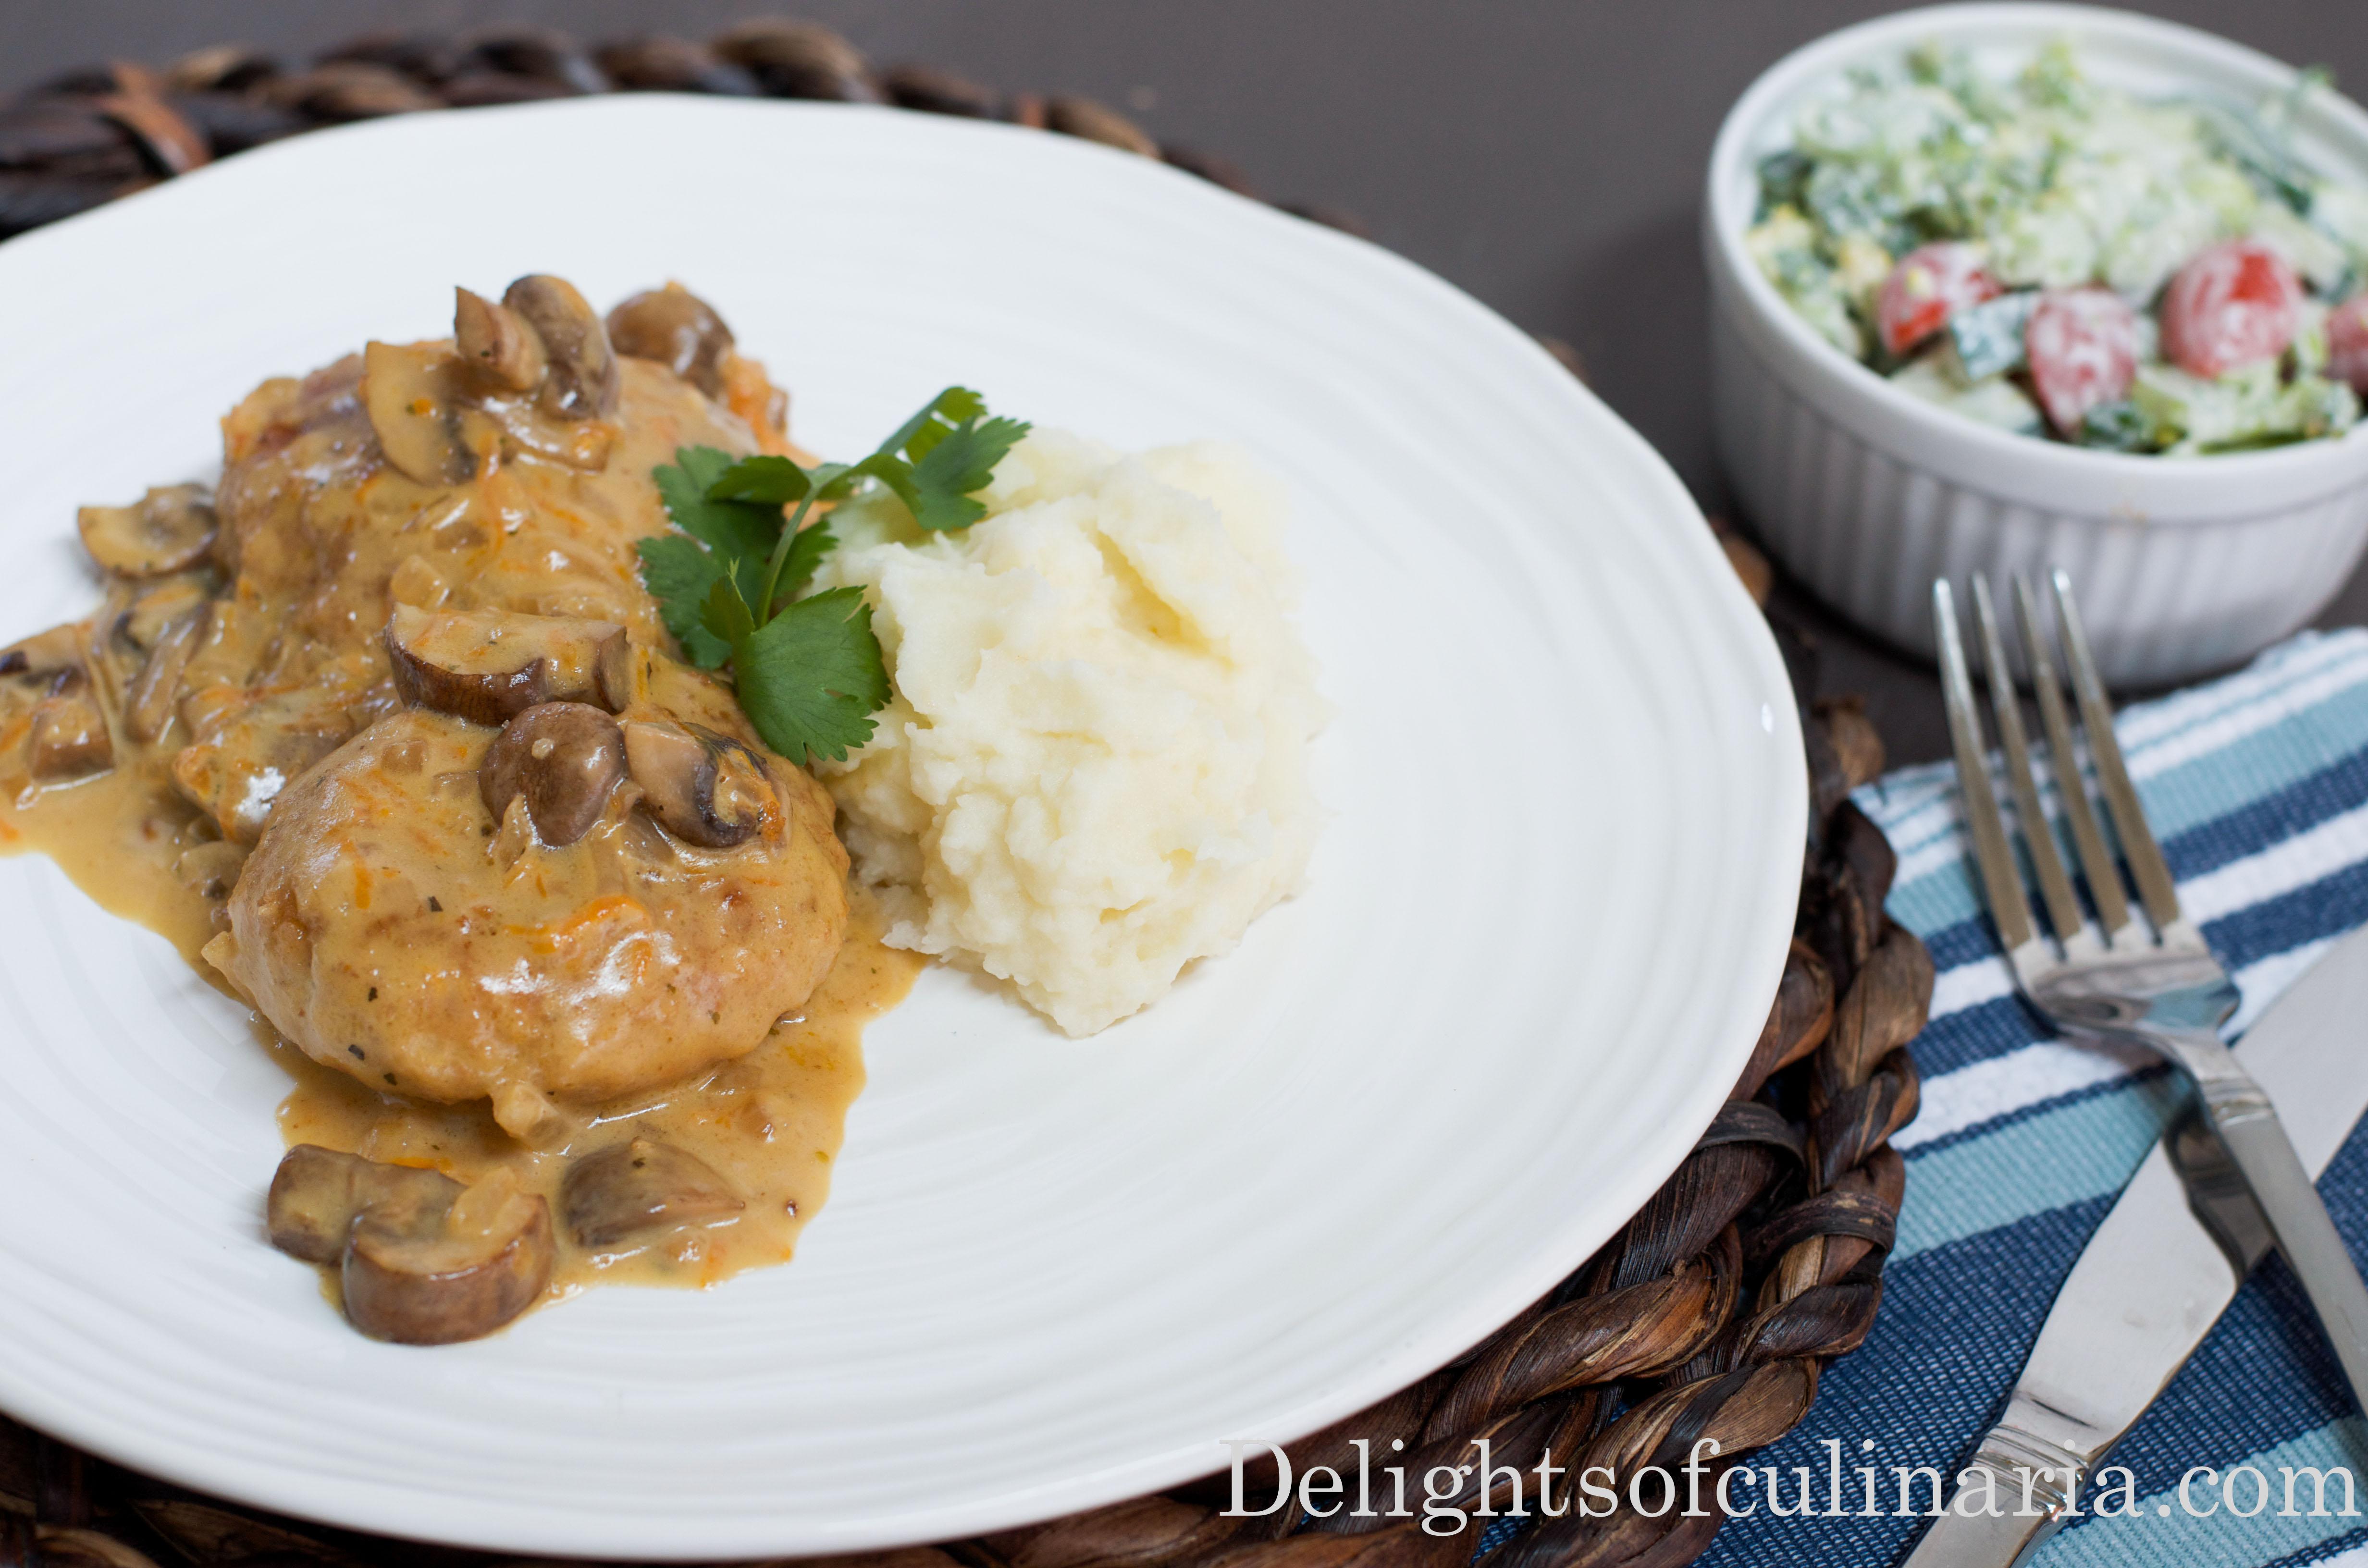 Chicken Kotleti in mushroom sauce